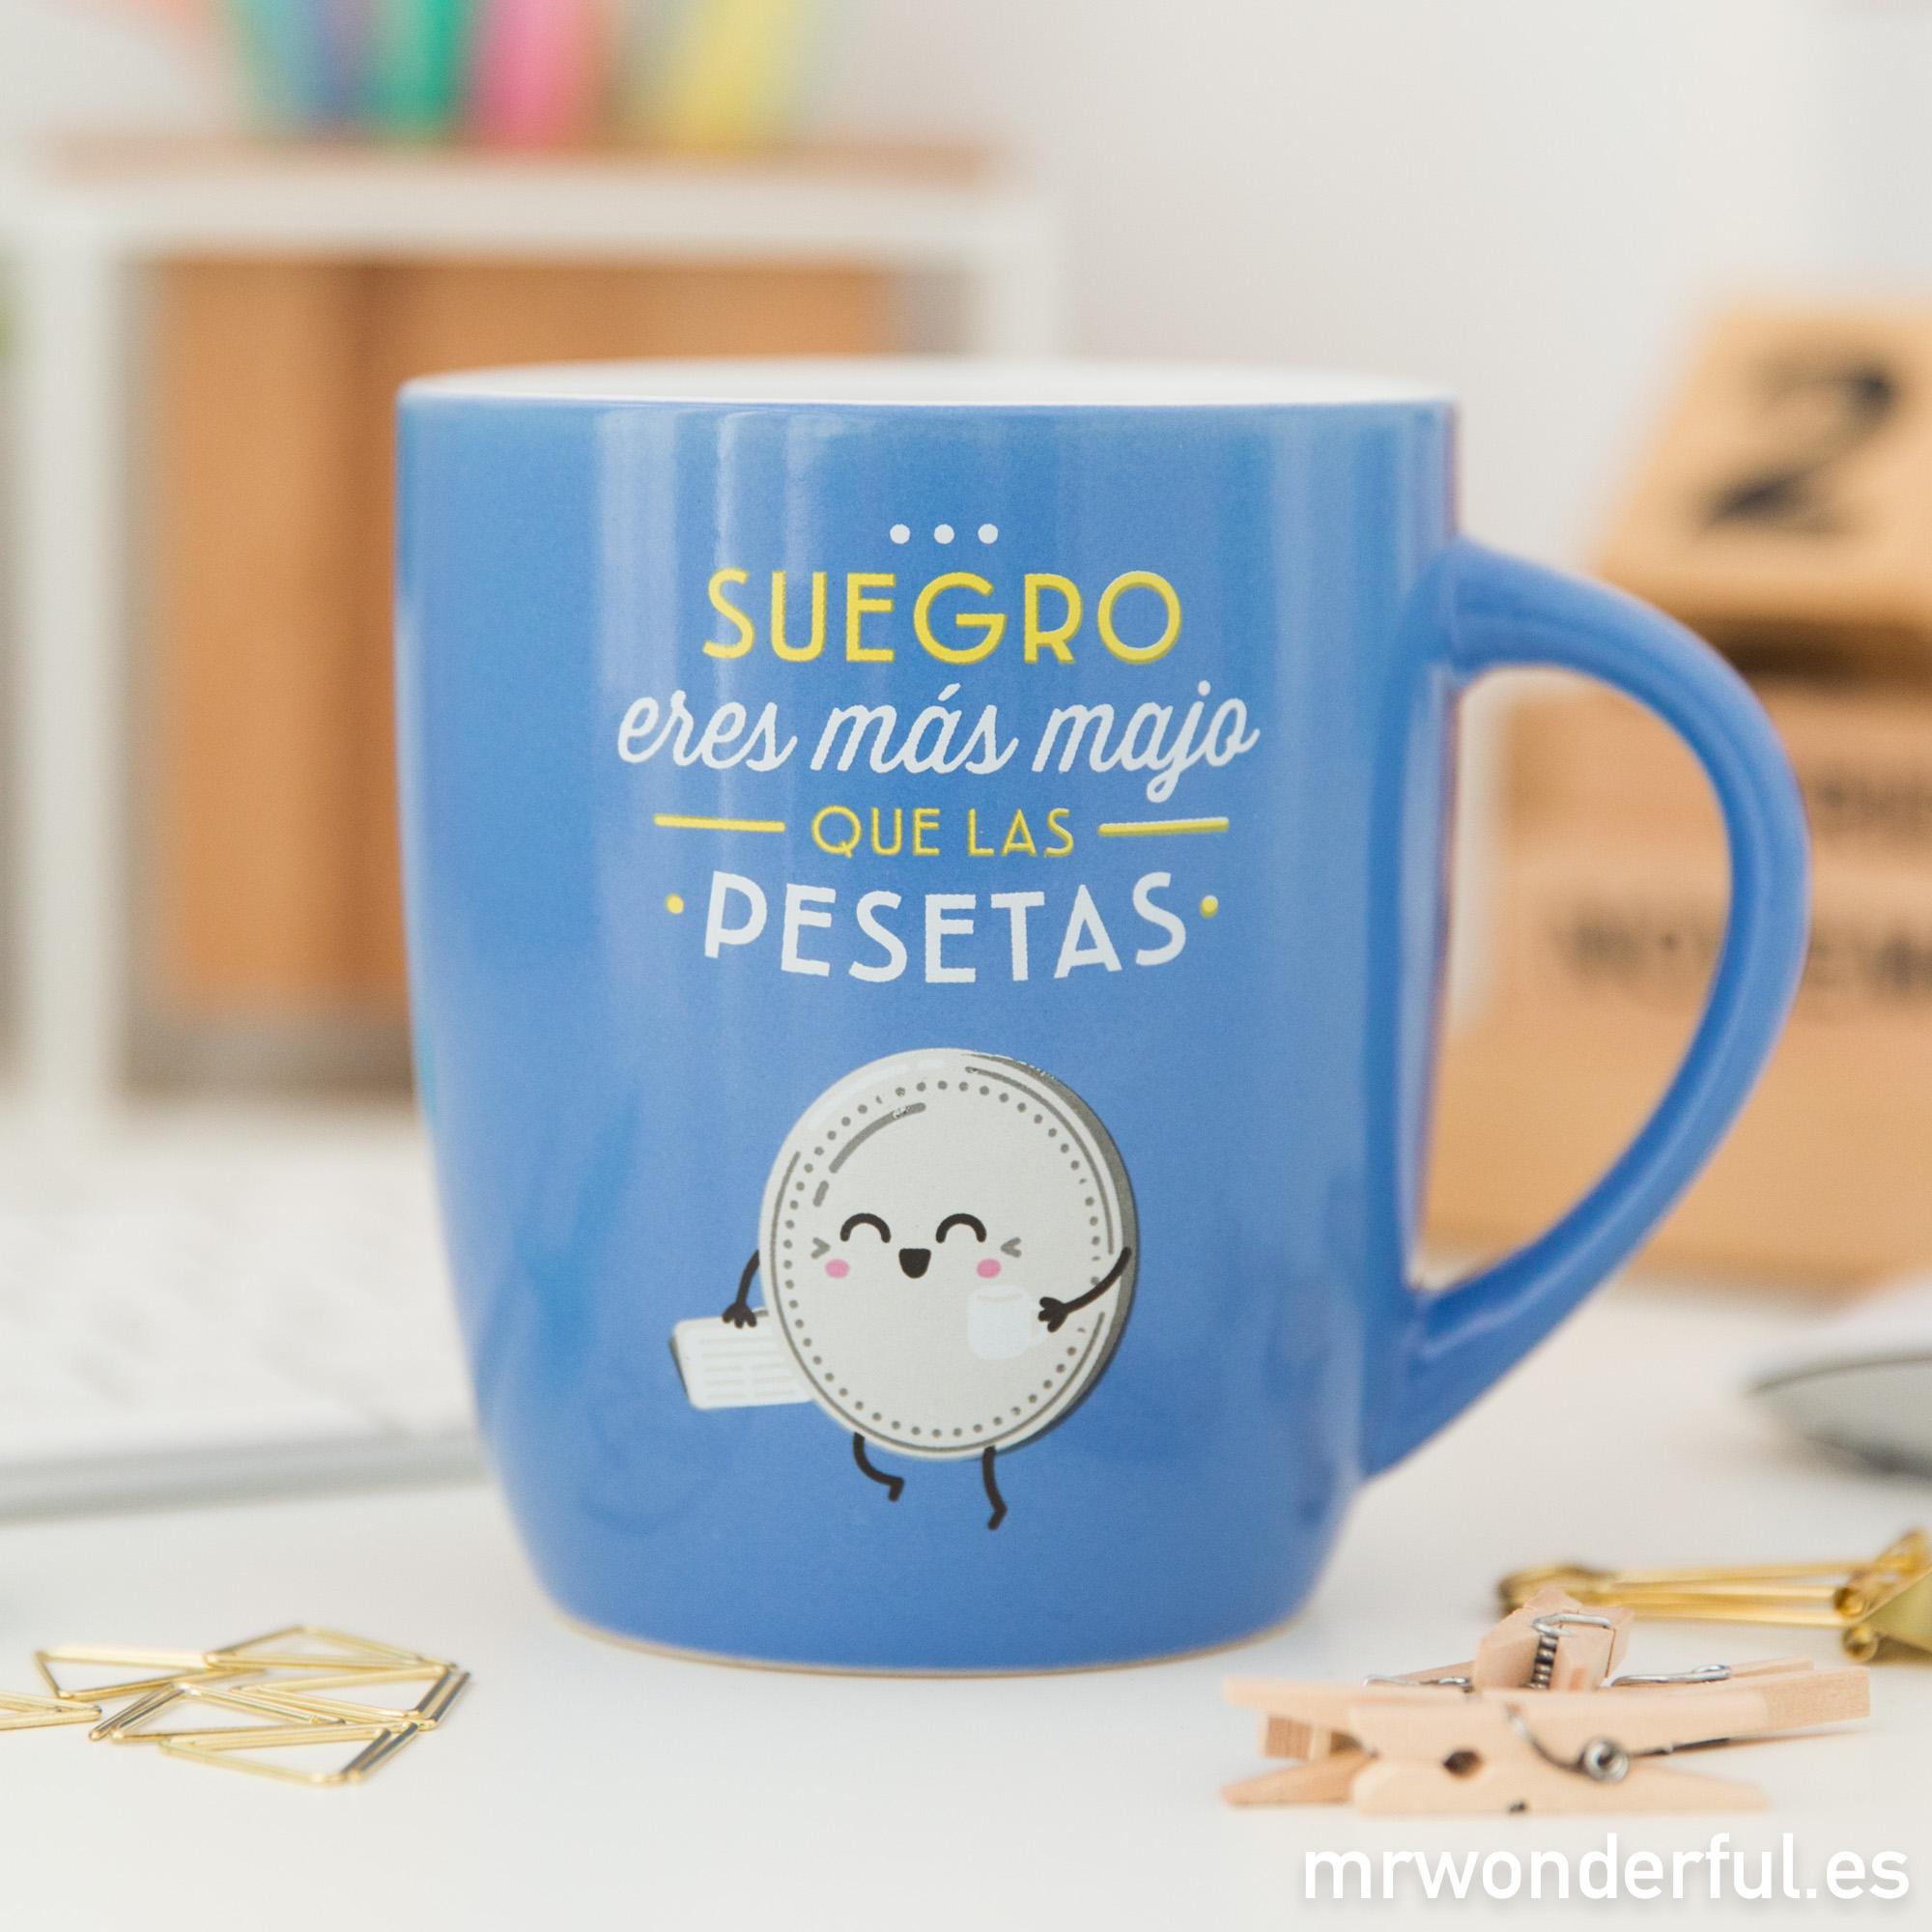 mrwonderful_8435460709477_woa03787es_suegro-eres-mas-majo-que-las-pesetas-es-3